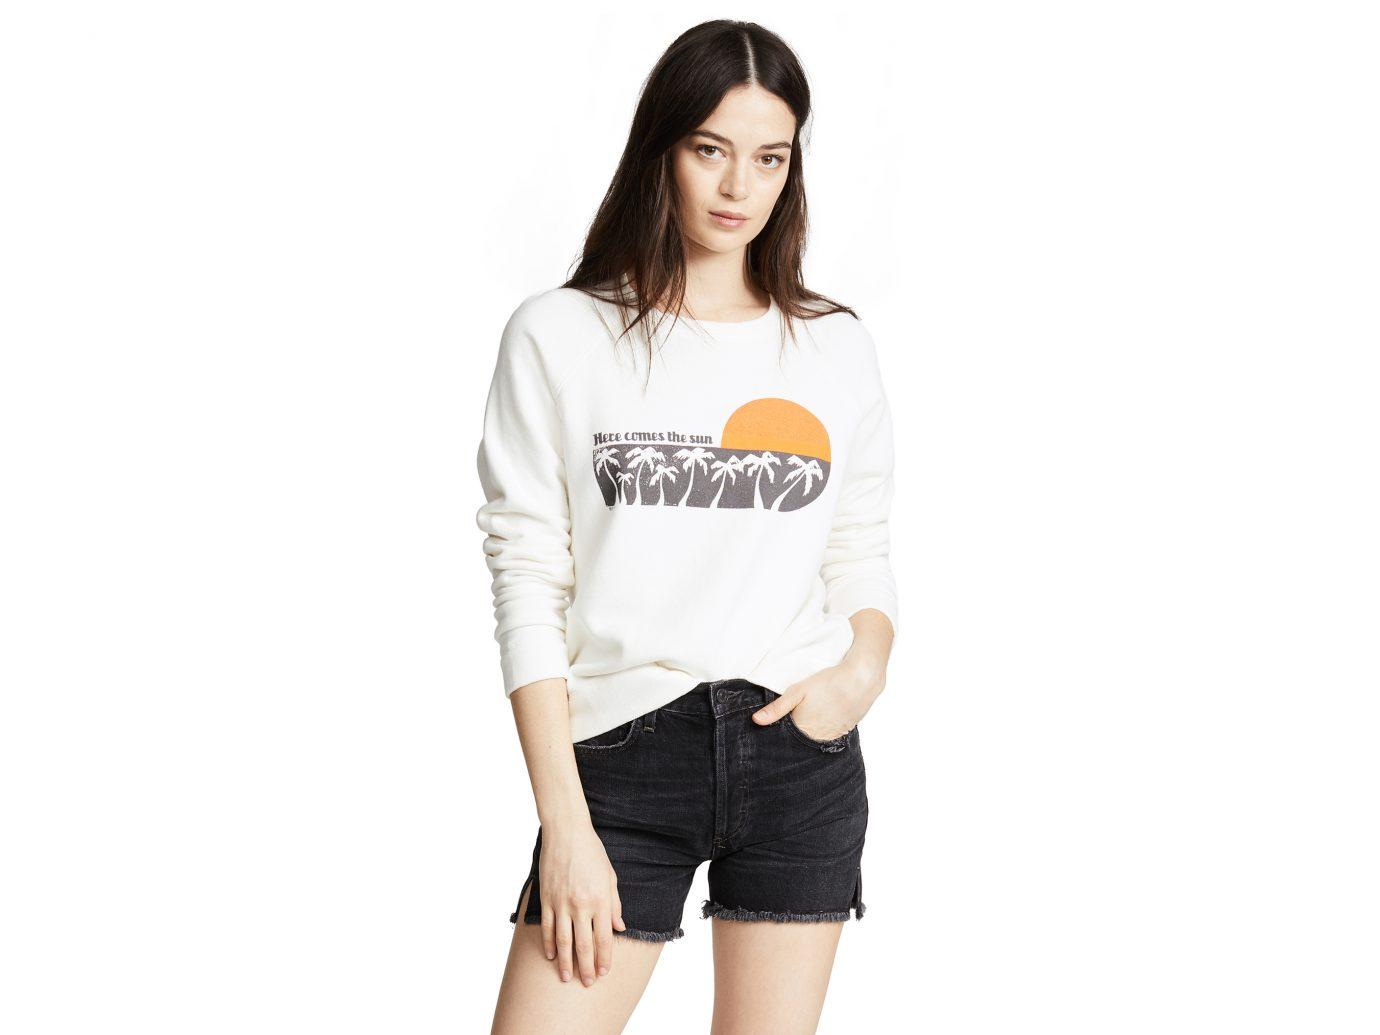 best sweatshirts, Sea Here comes the Sun sweatshirt